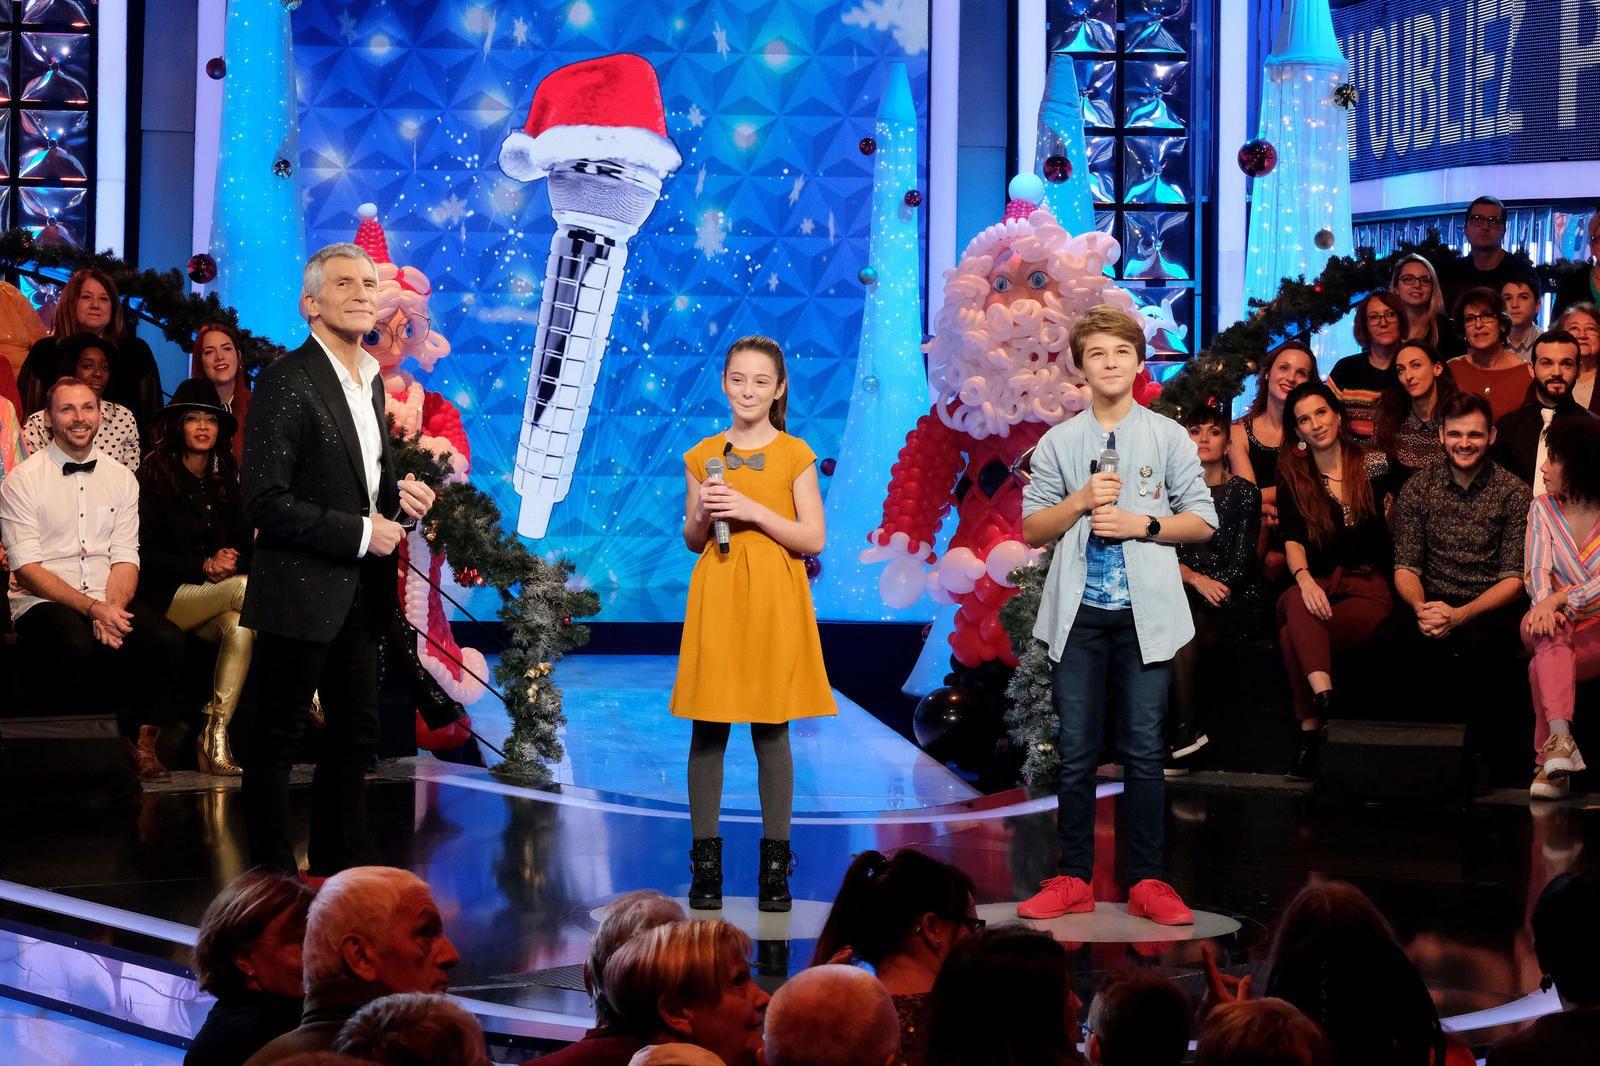 N'oubliez pas les paroles spécial enfants, cette soirée de Noël sur France 2.